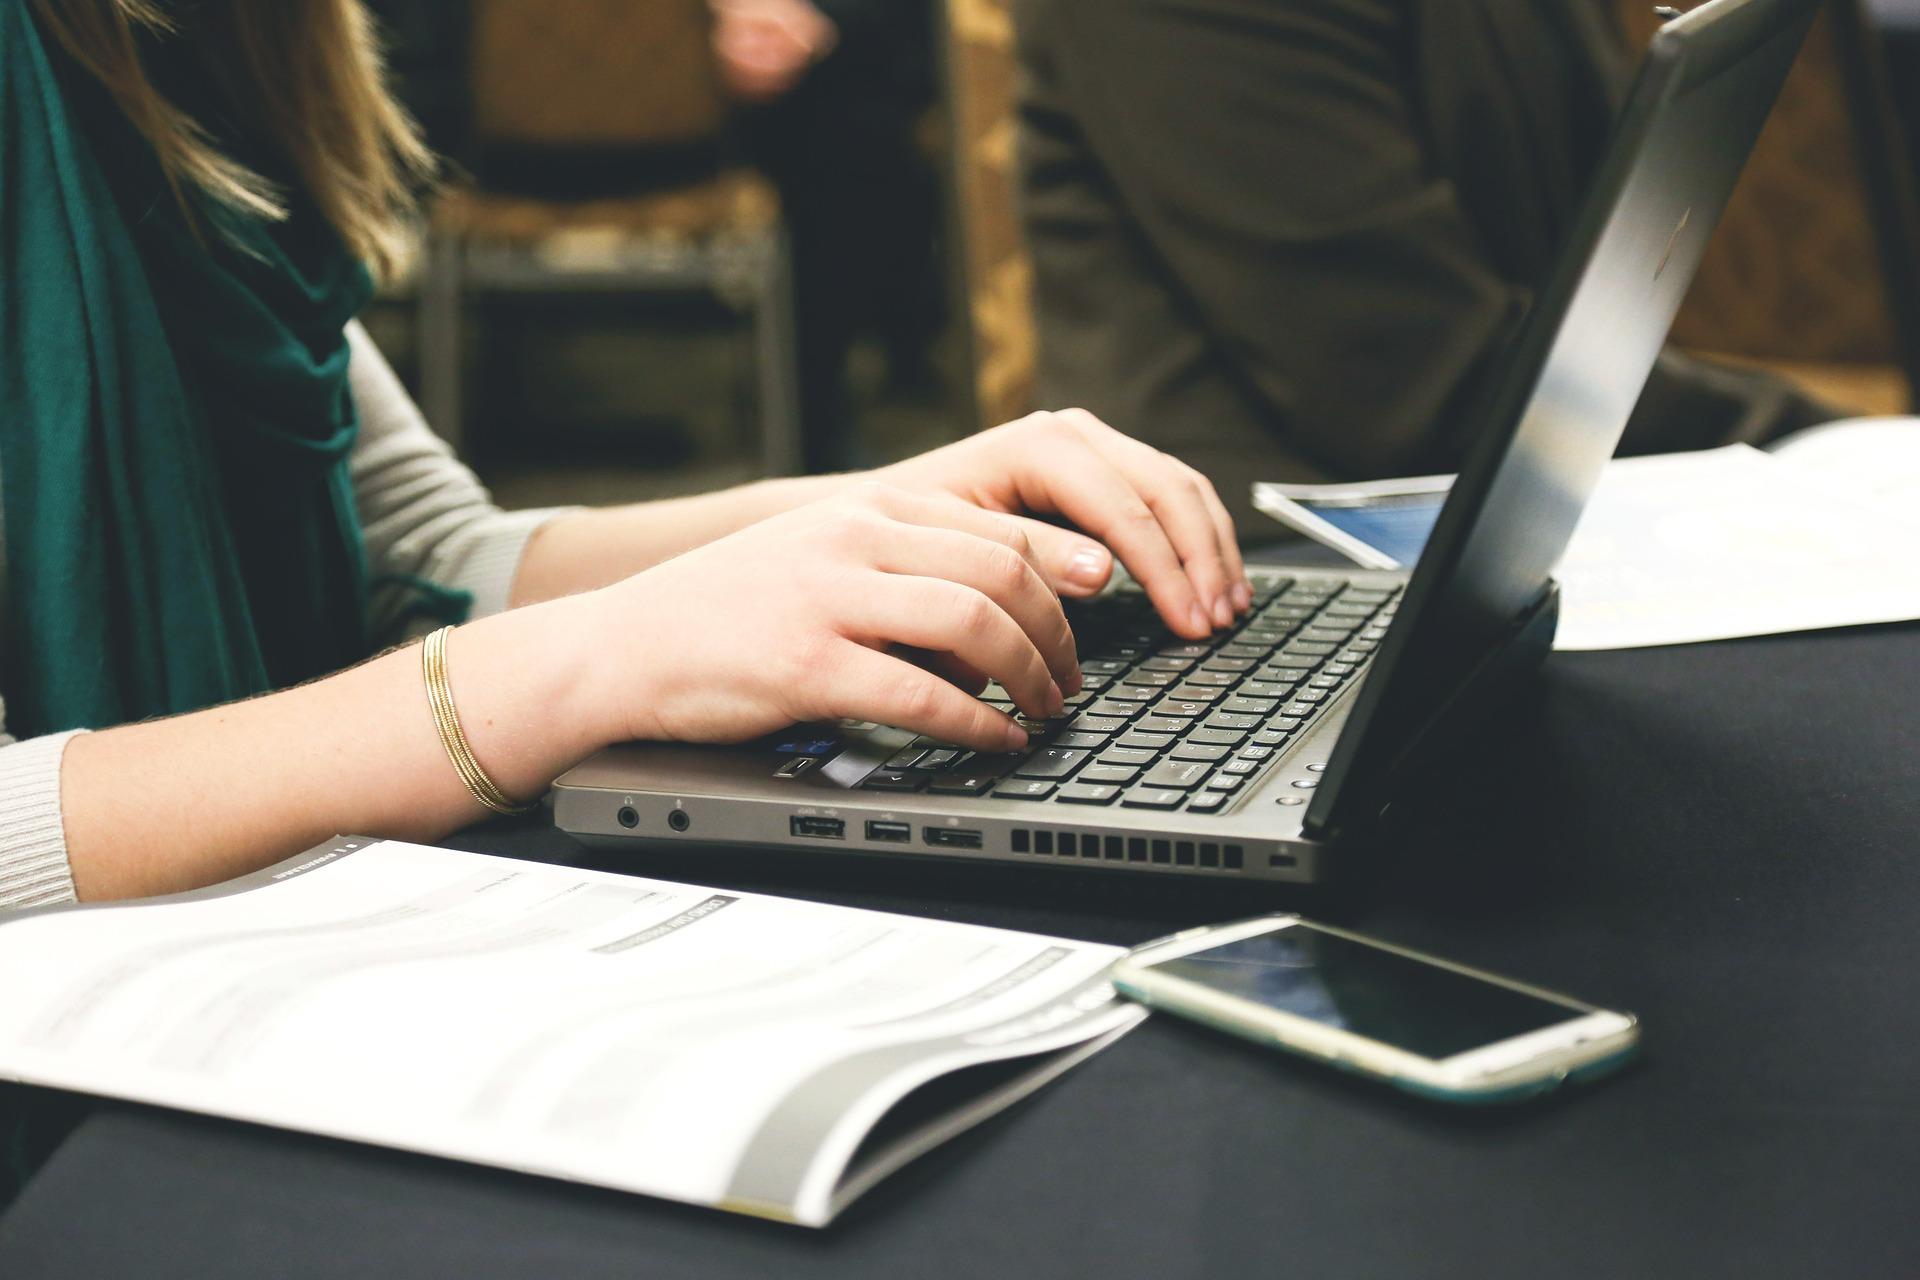 大学でノートパソコンを利用する学生